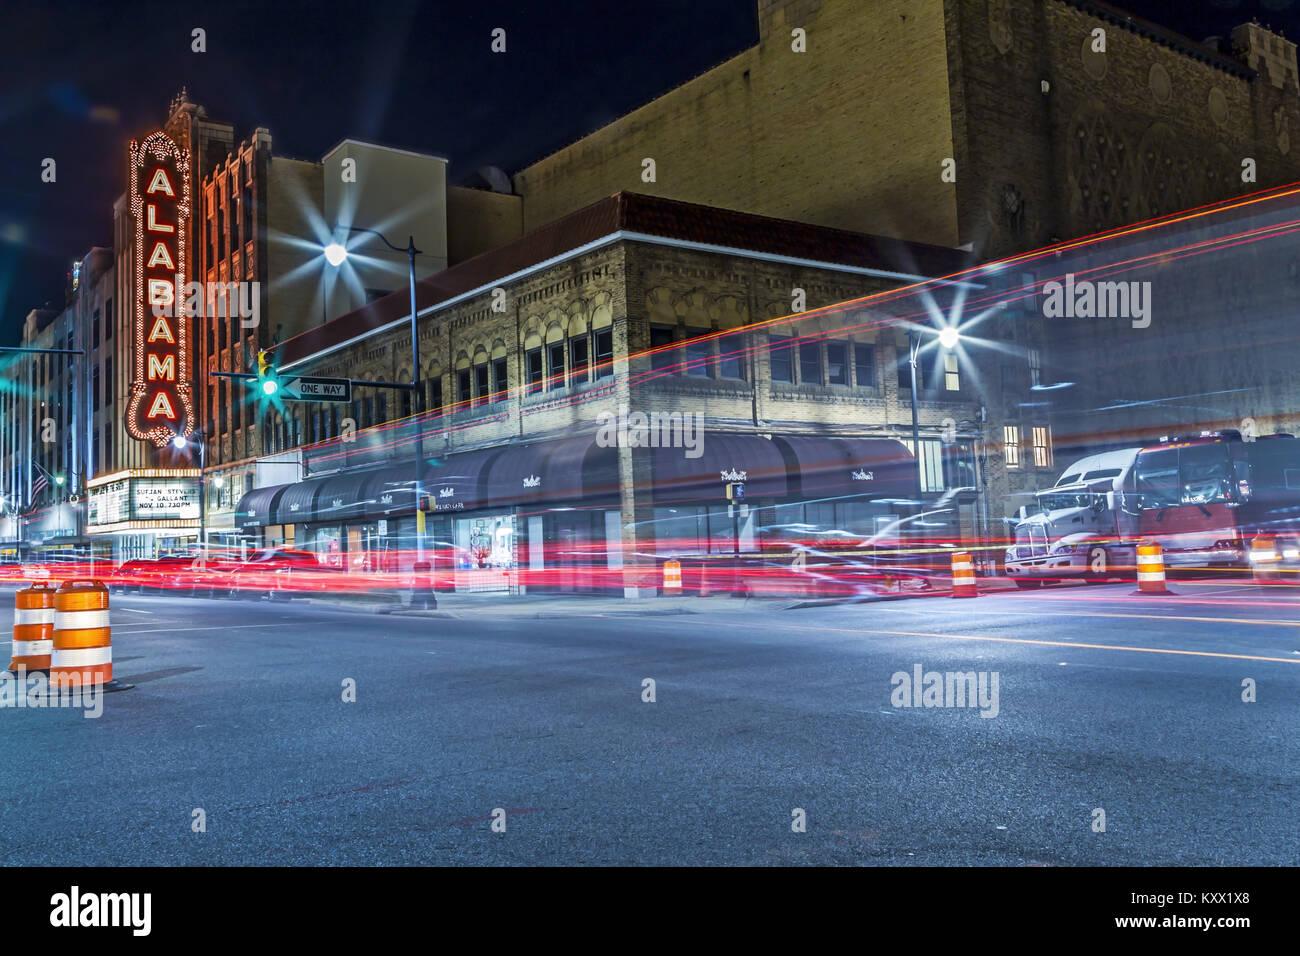 alabama theater stock photos amp alabama theater stock